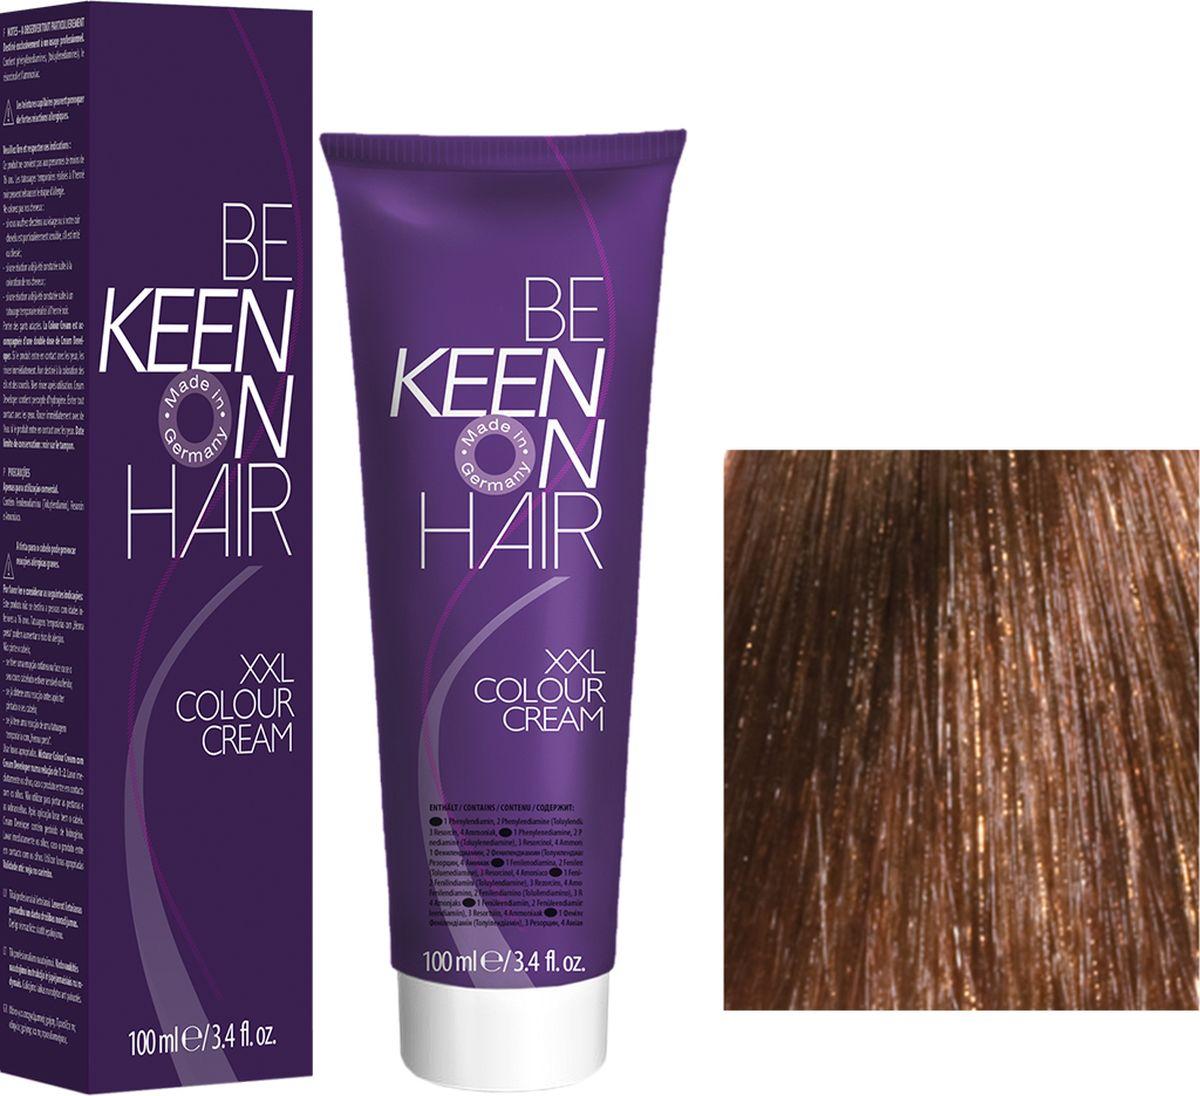 Keen Краска для волос 8.75 Клен Ahorn, 100 мл69100082Модные оттенкиБолее 100 оттенков для креативной комбинации цветов.ЭкономичностьПри использовании тюбика 100 мл вы получаете оптимальное соотношение цены и качества!УходМолочный белок поддерживает структуру волоса во время окрашивания и придает волосам блеск и шелковистость. Протеины хорошо встраиваются в волосы и снабжают их влагой.